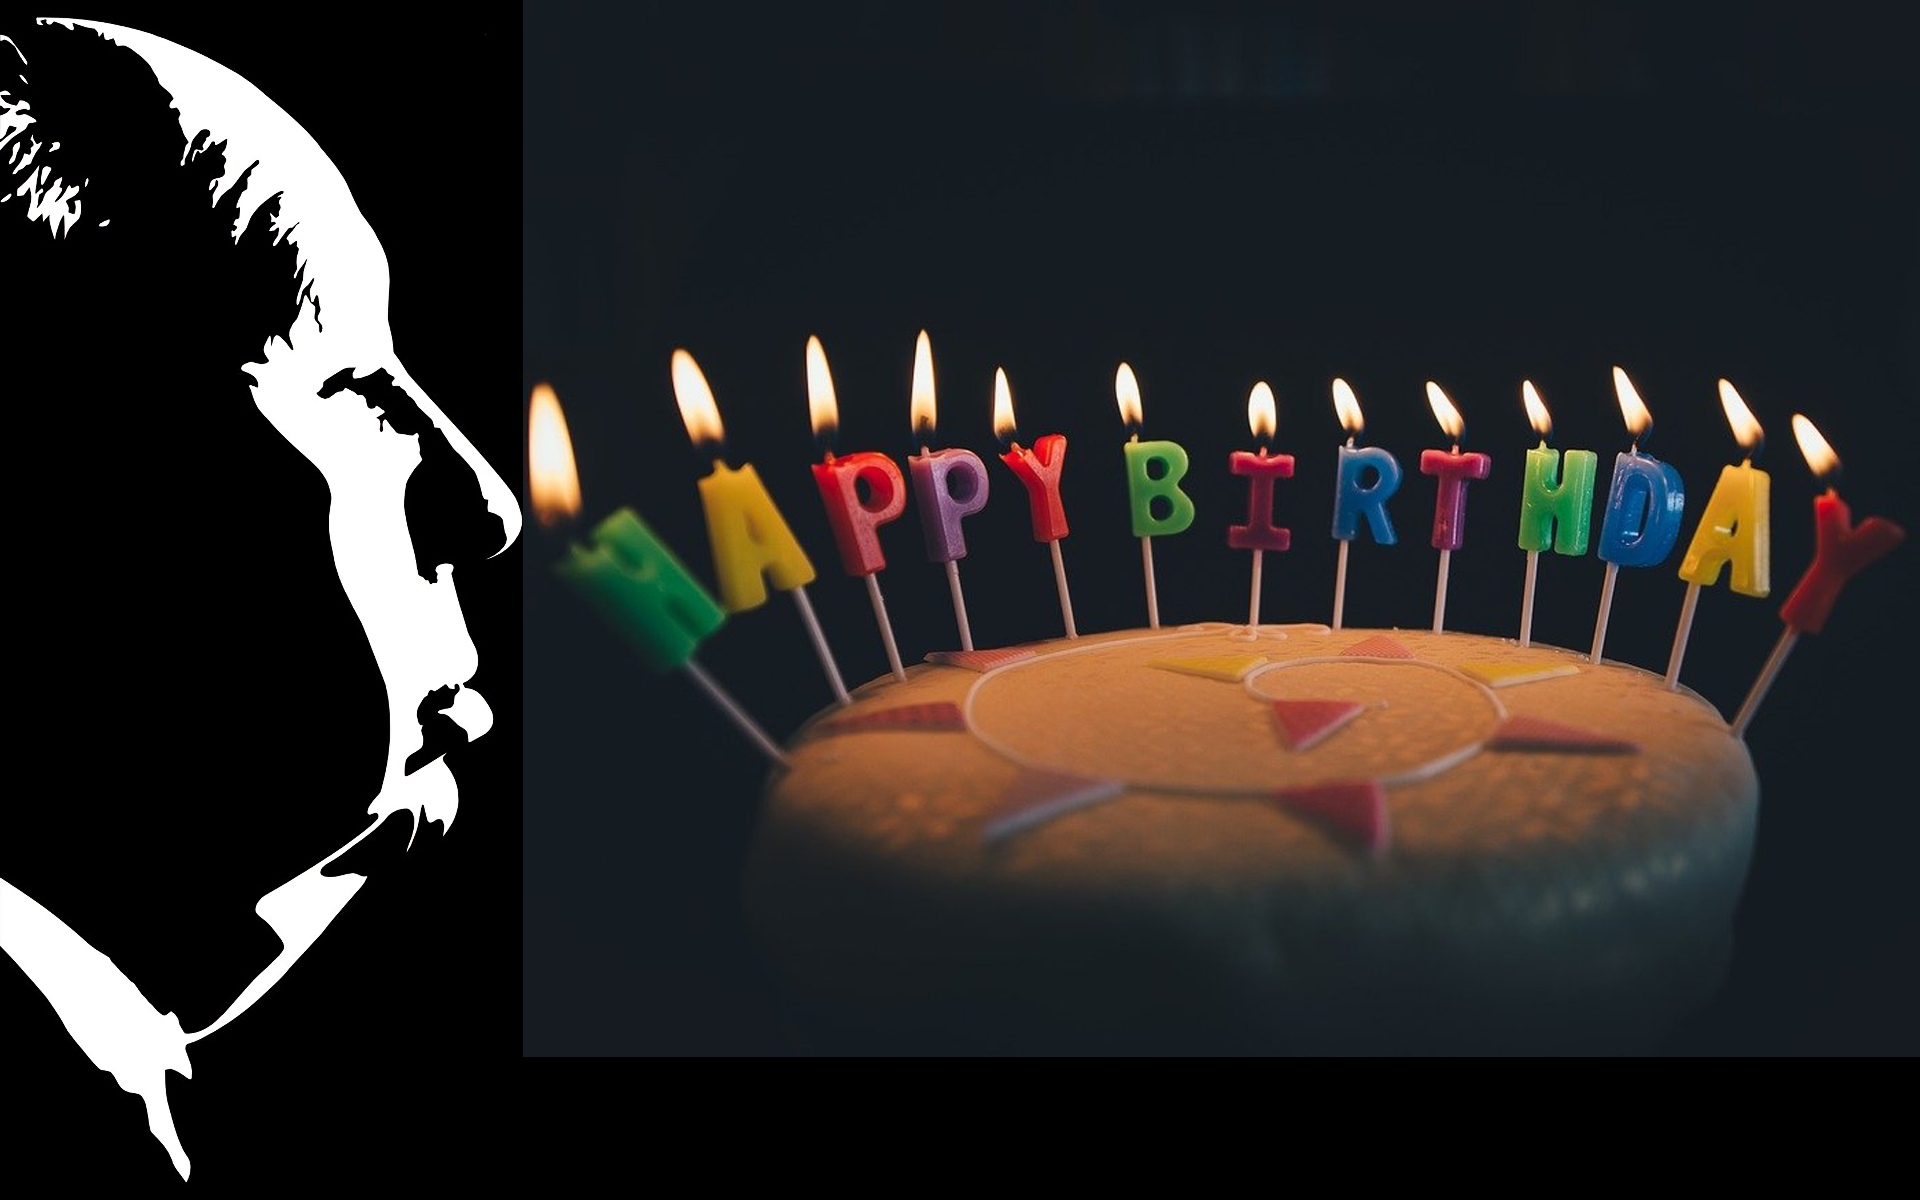 ALFRED HITCHCOCK presenta: La fiesta de cumpleaños